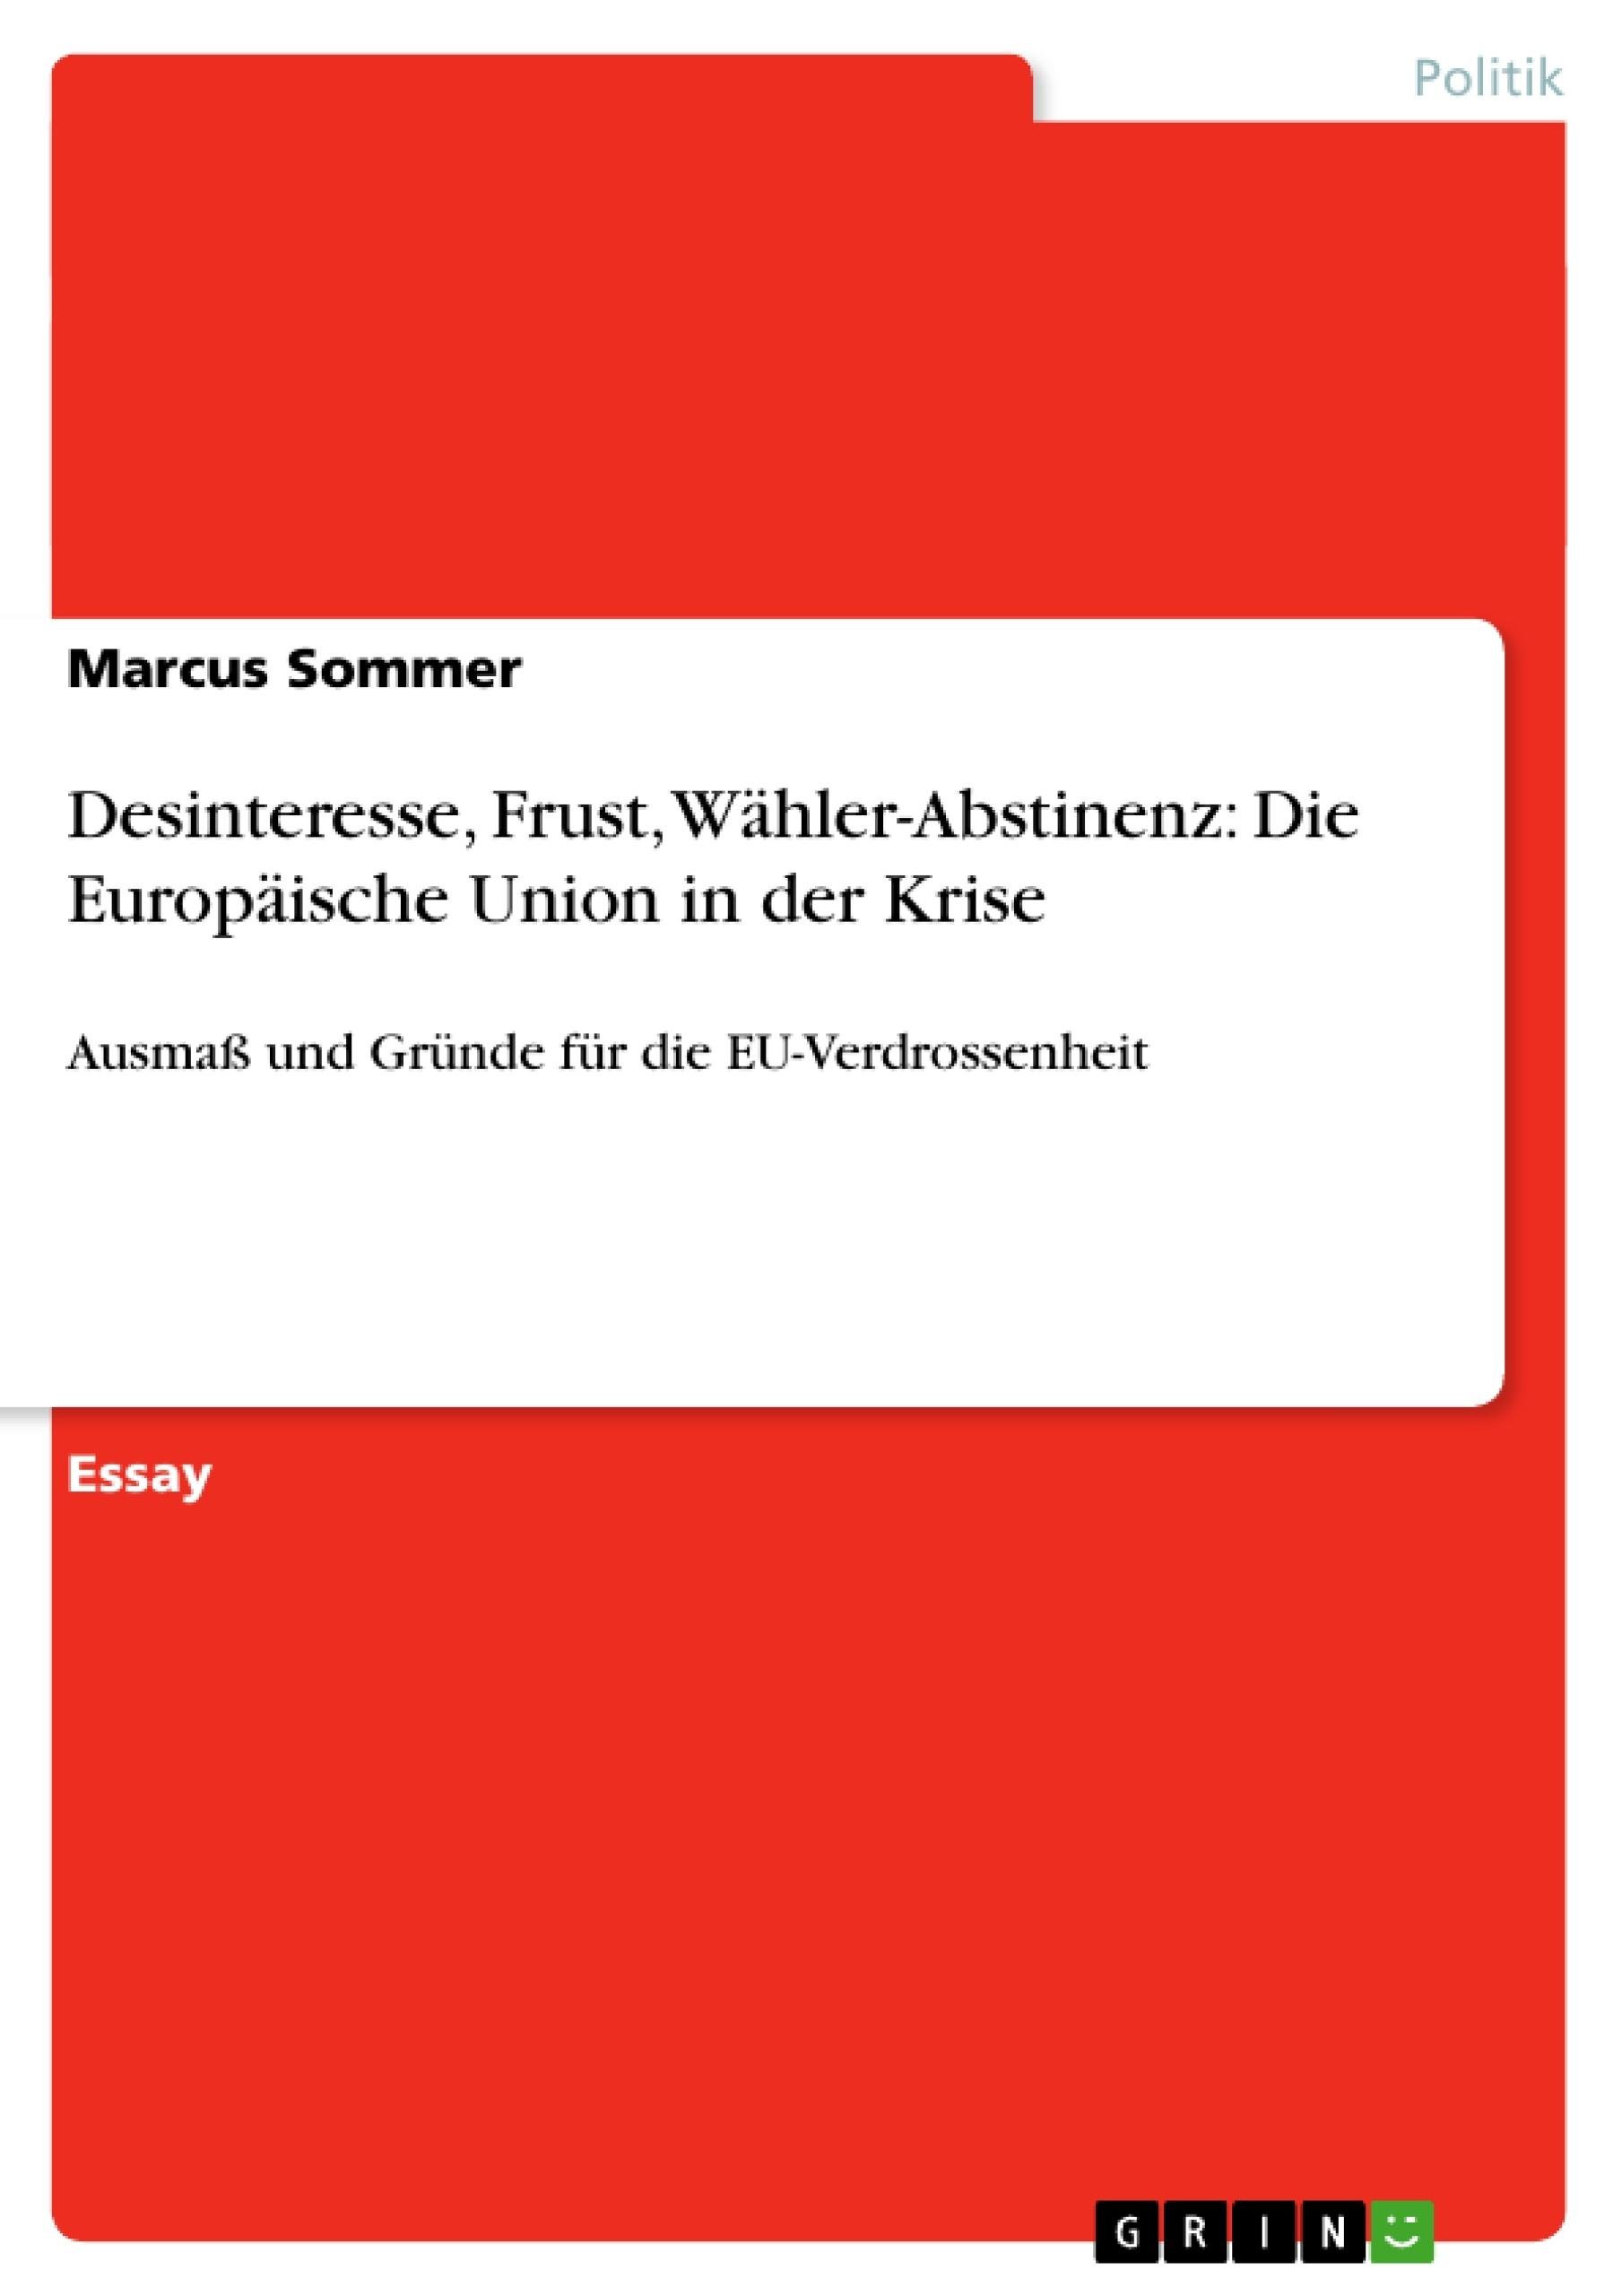 Titel: Desinteresse, Frust, Wähler-Abstinenz: Die Europäische Union in der Krise